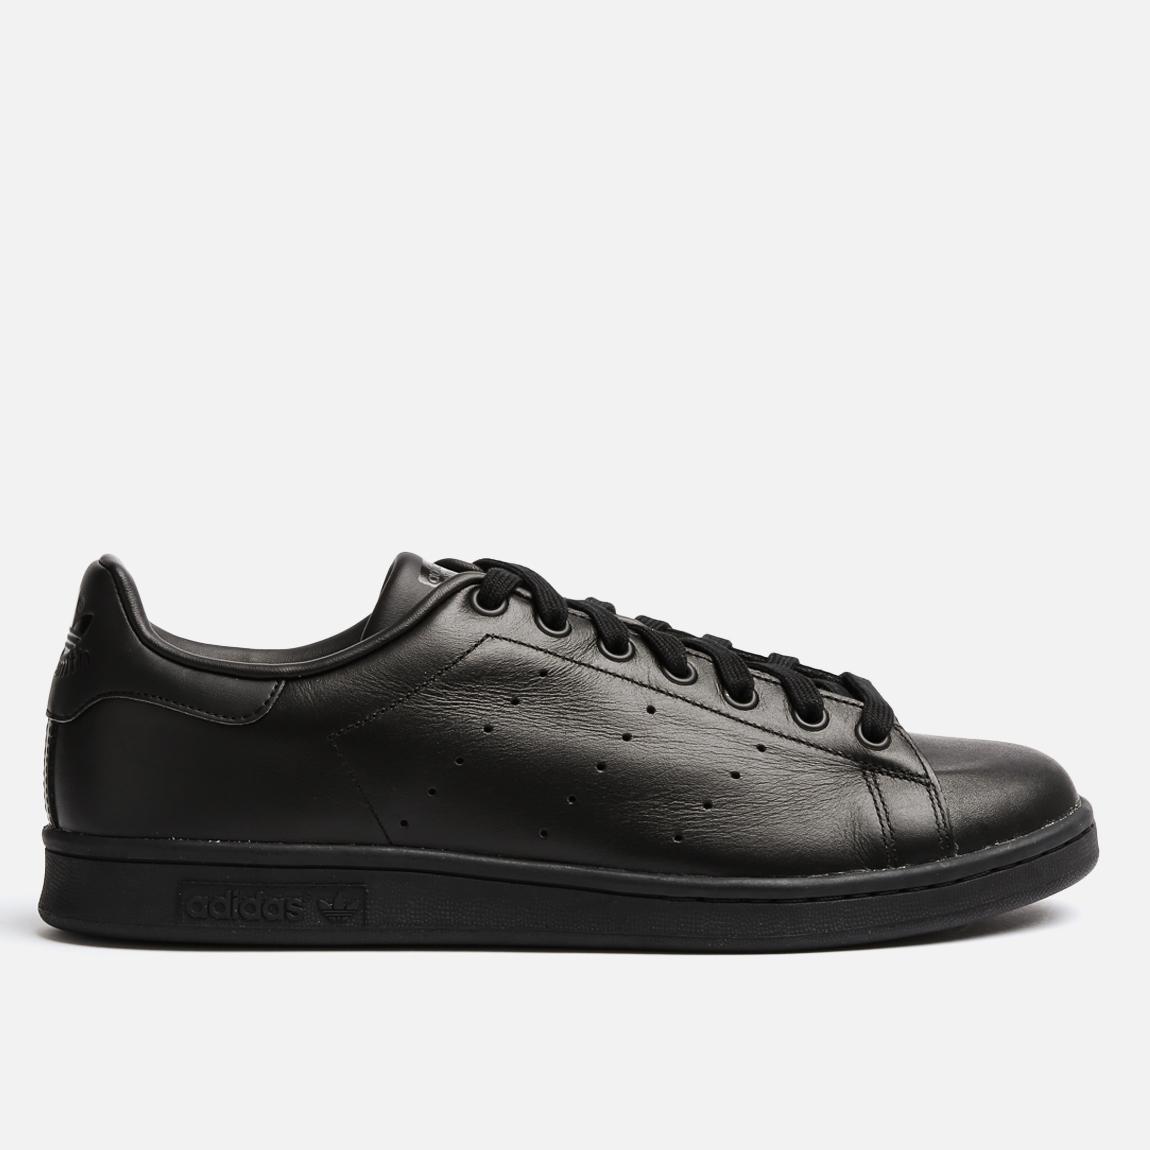 adidas Originals Stan Smith - M20327